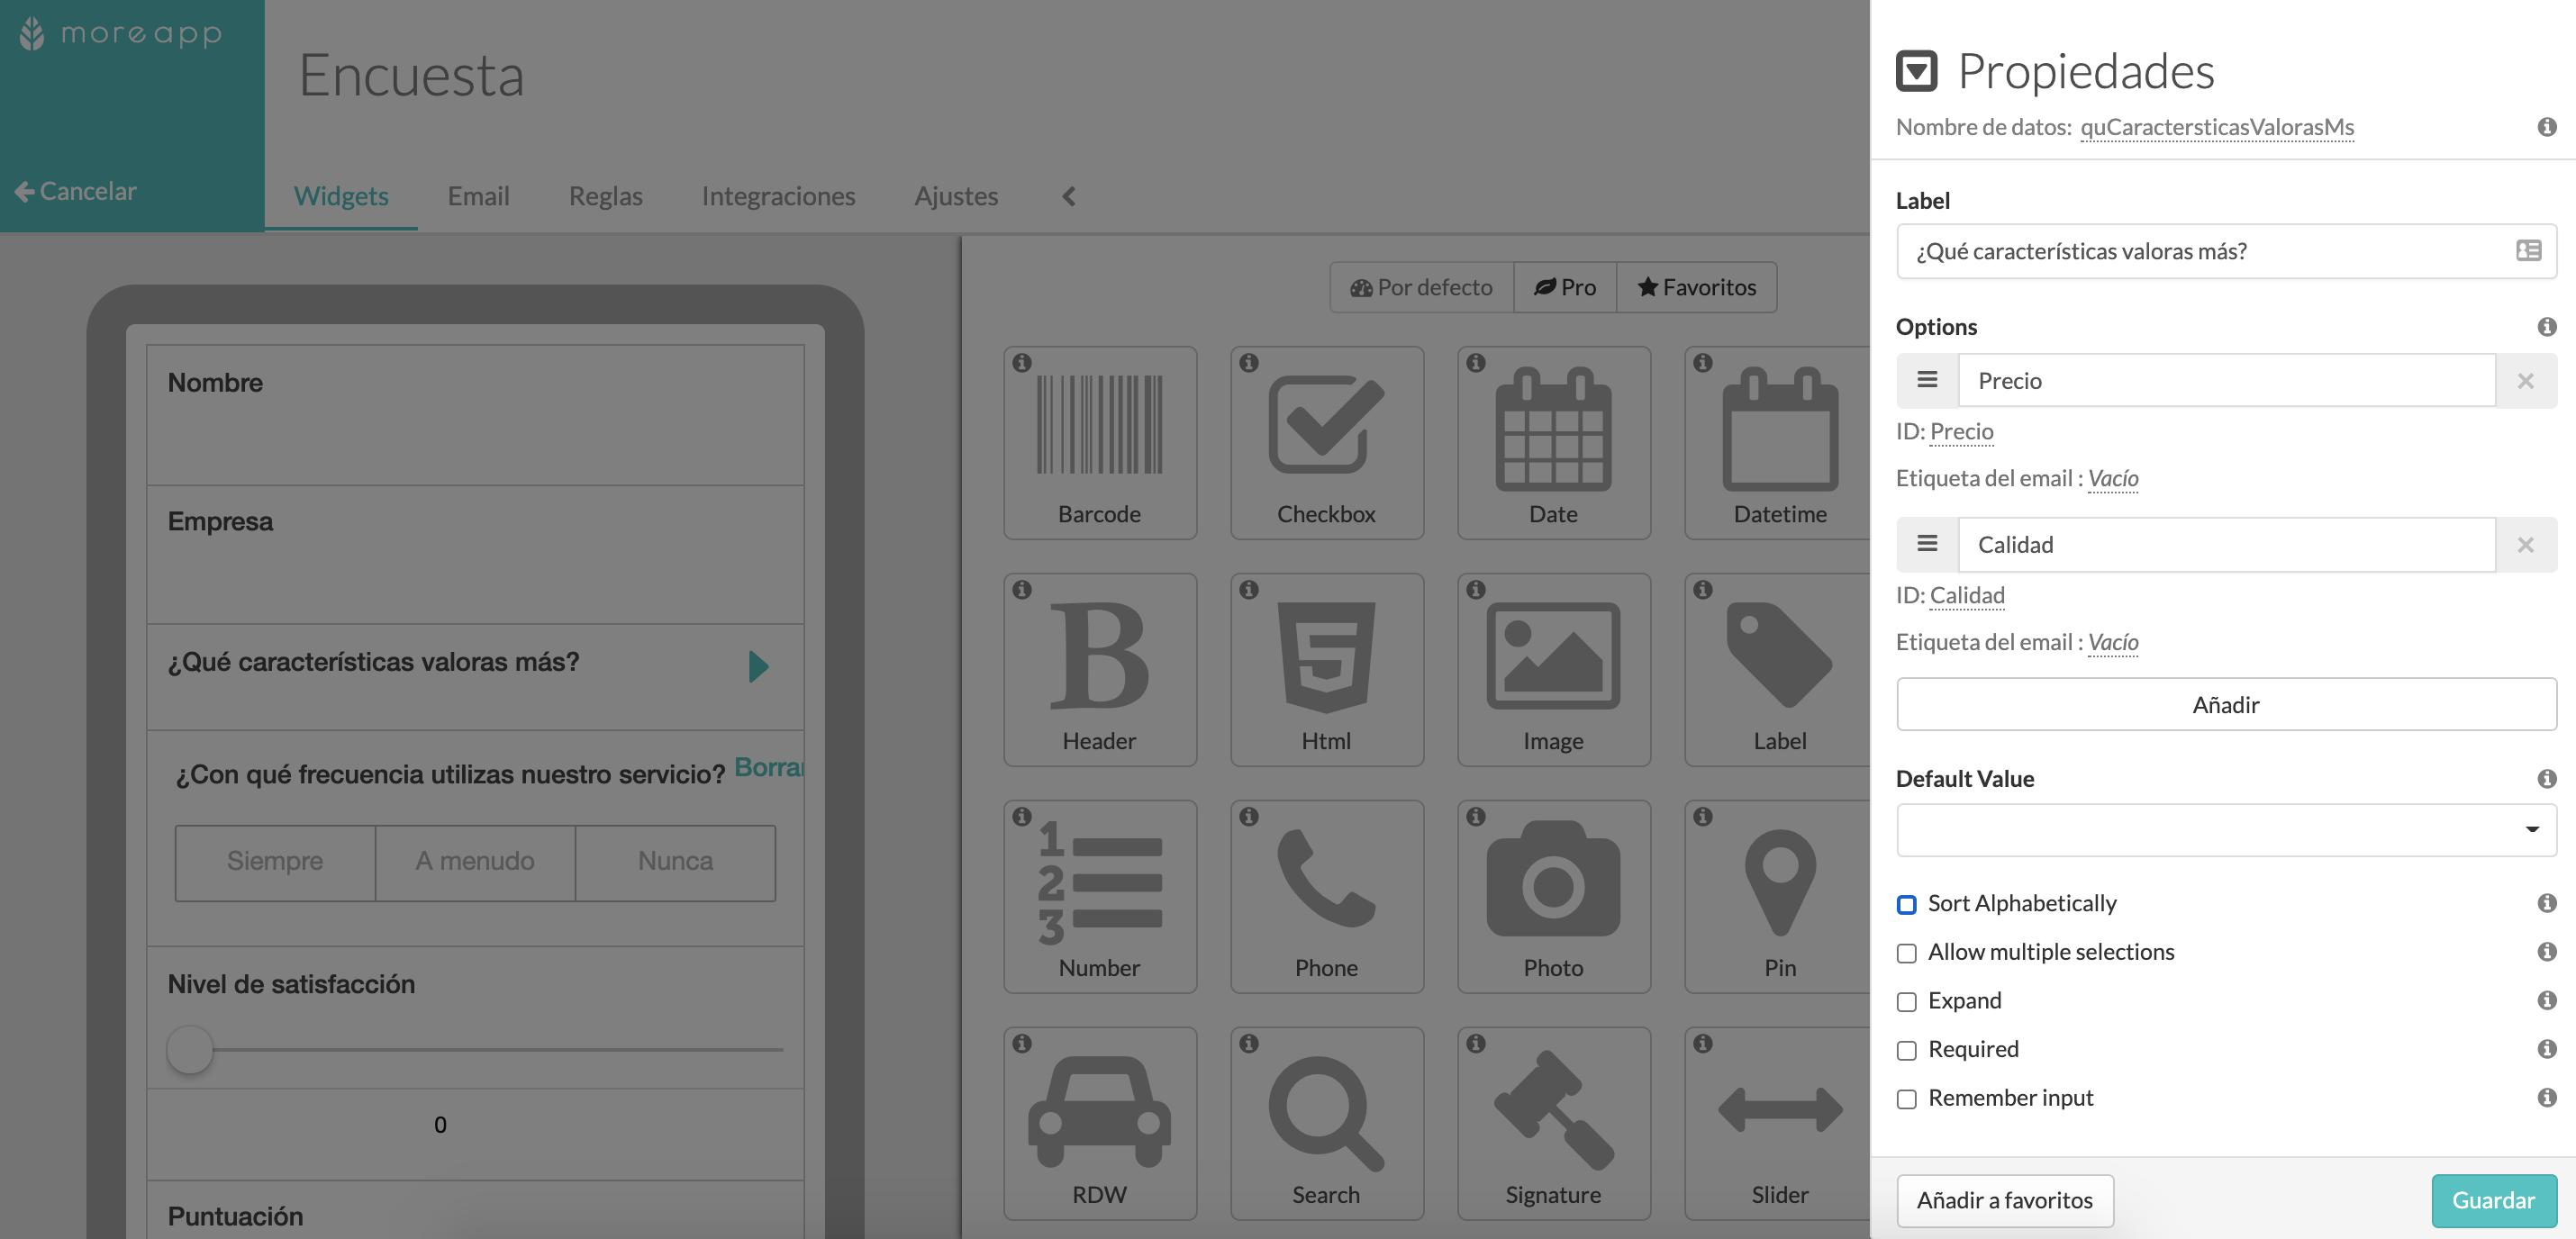 Widget-Lookup Plataforma MoreApp